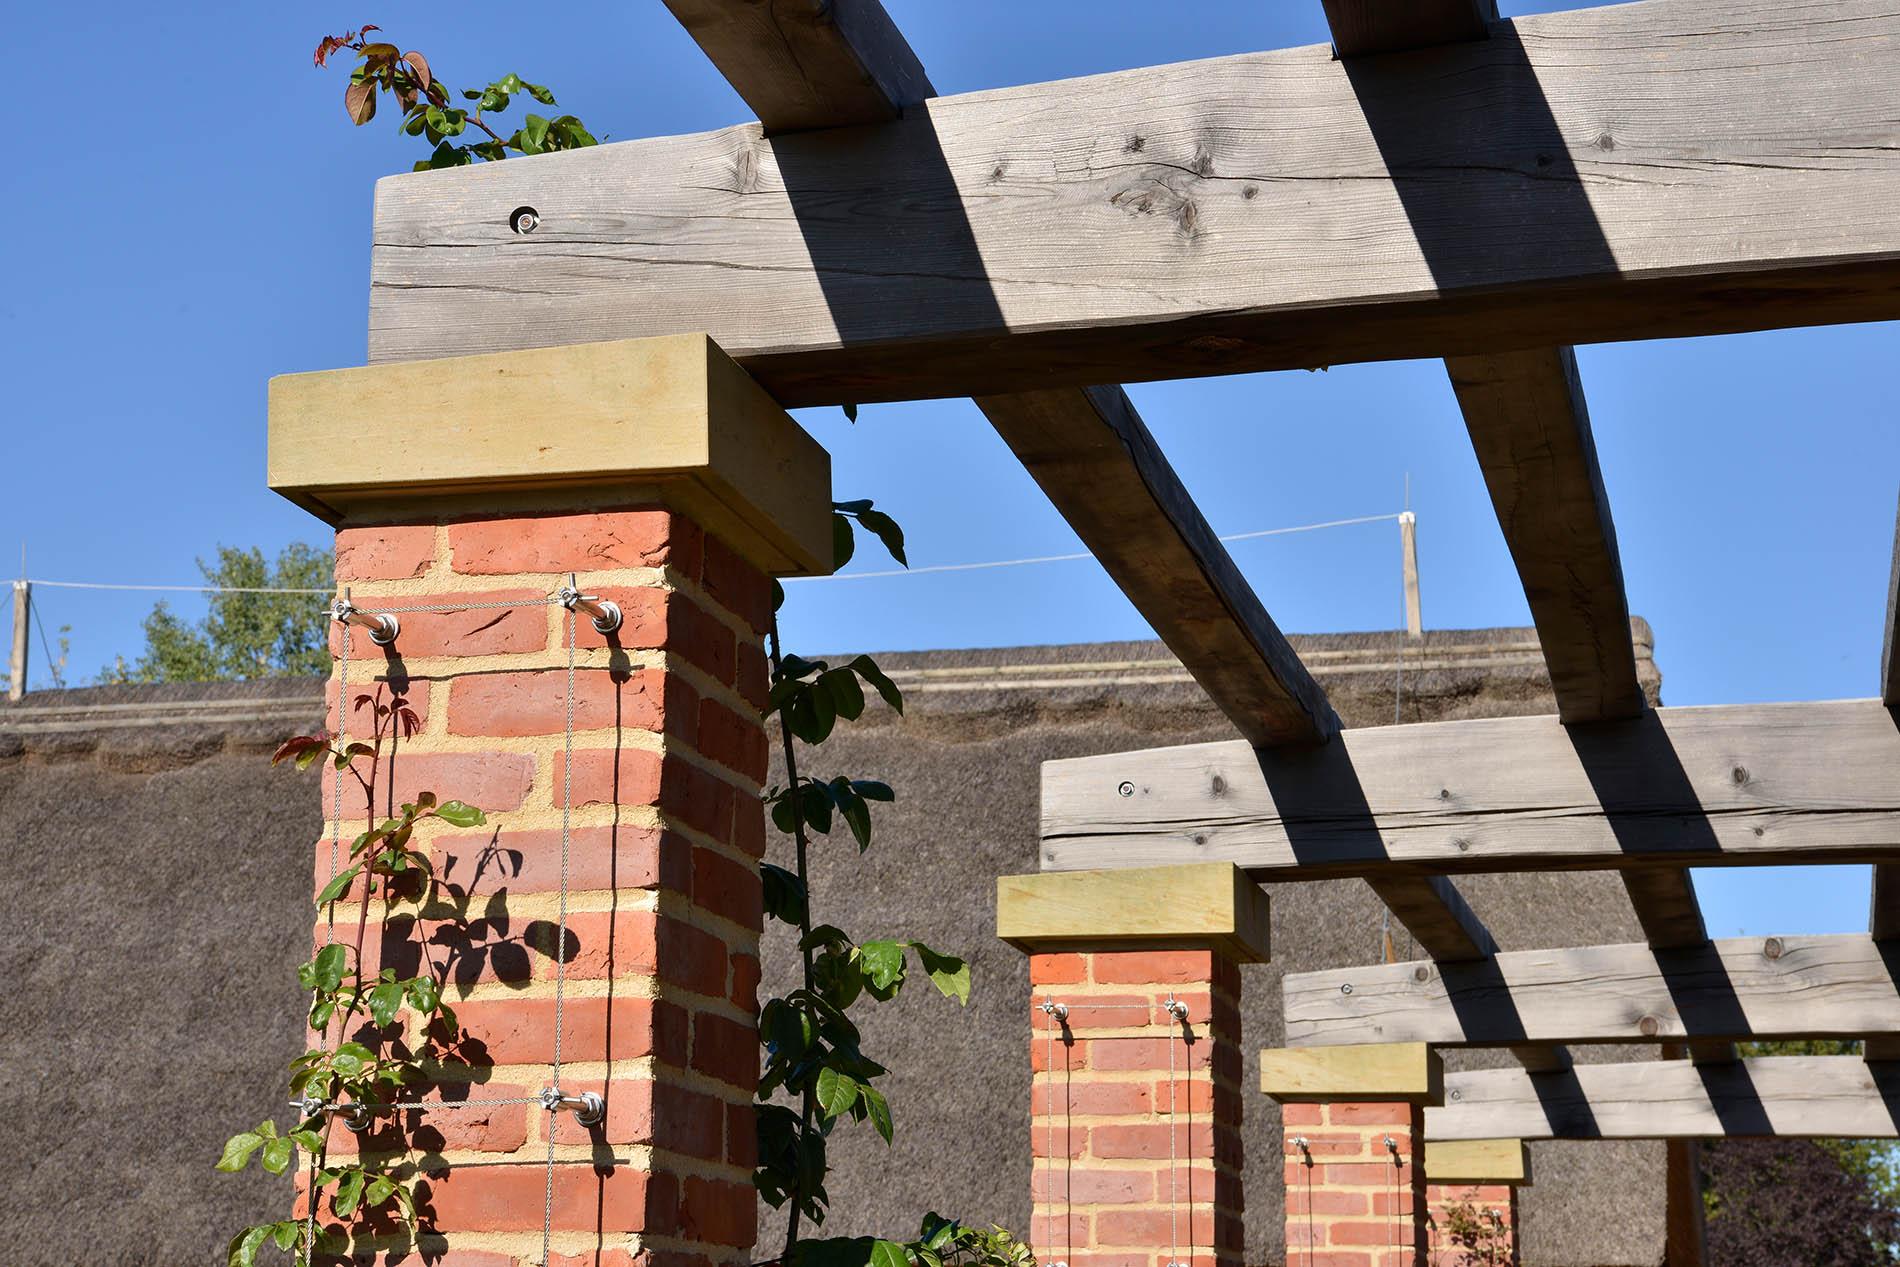 Gärten der Welt Englischer Garten Berlin Abdeckungen Abdeckplatten aus Seeberger Sandstein